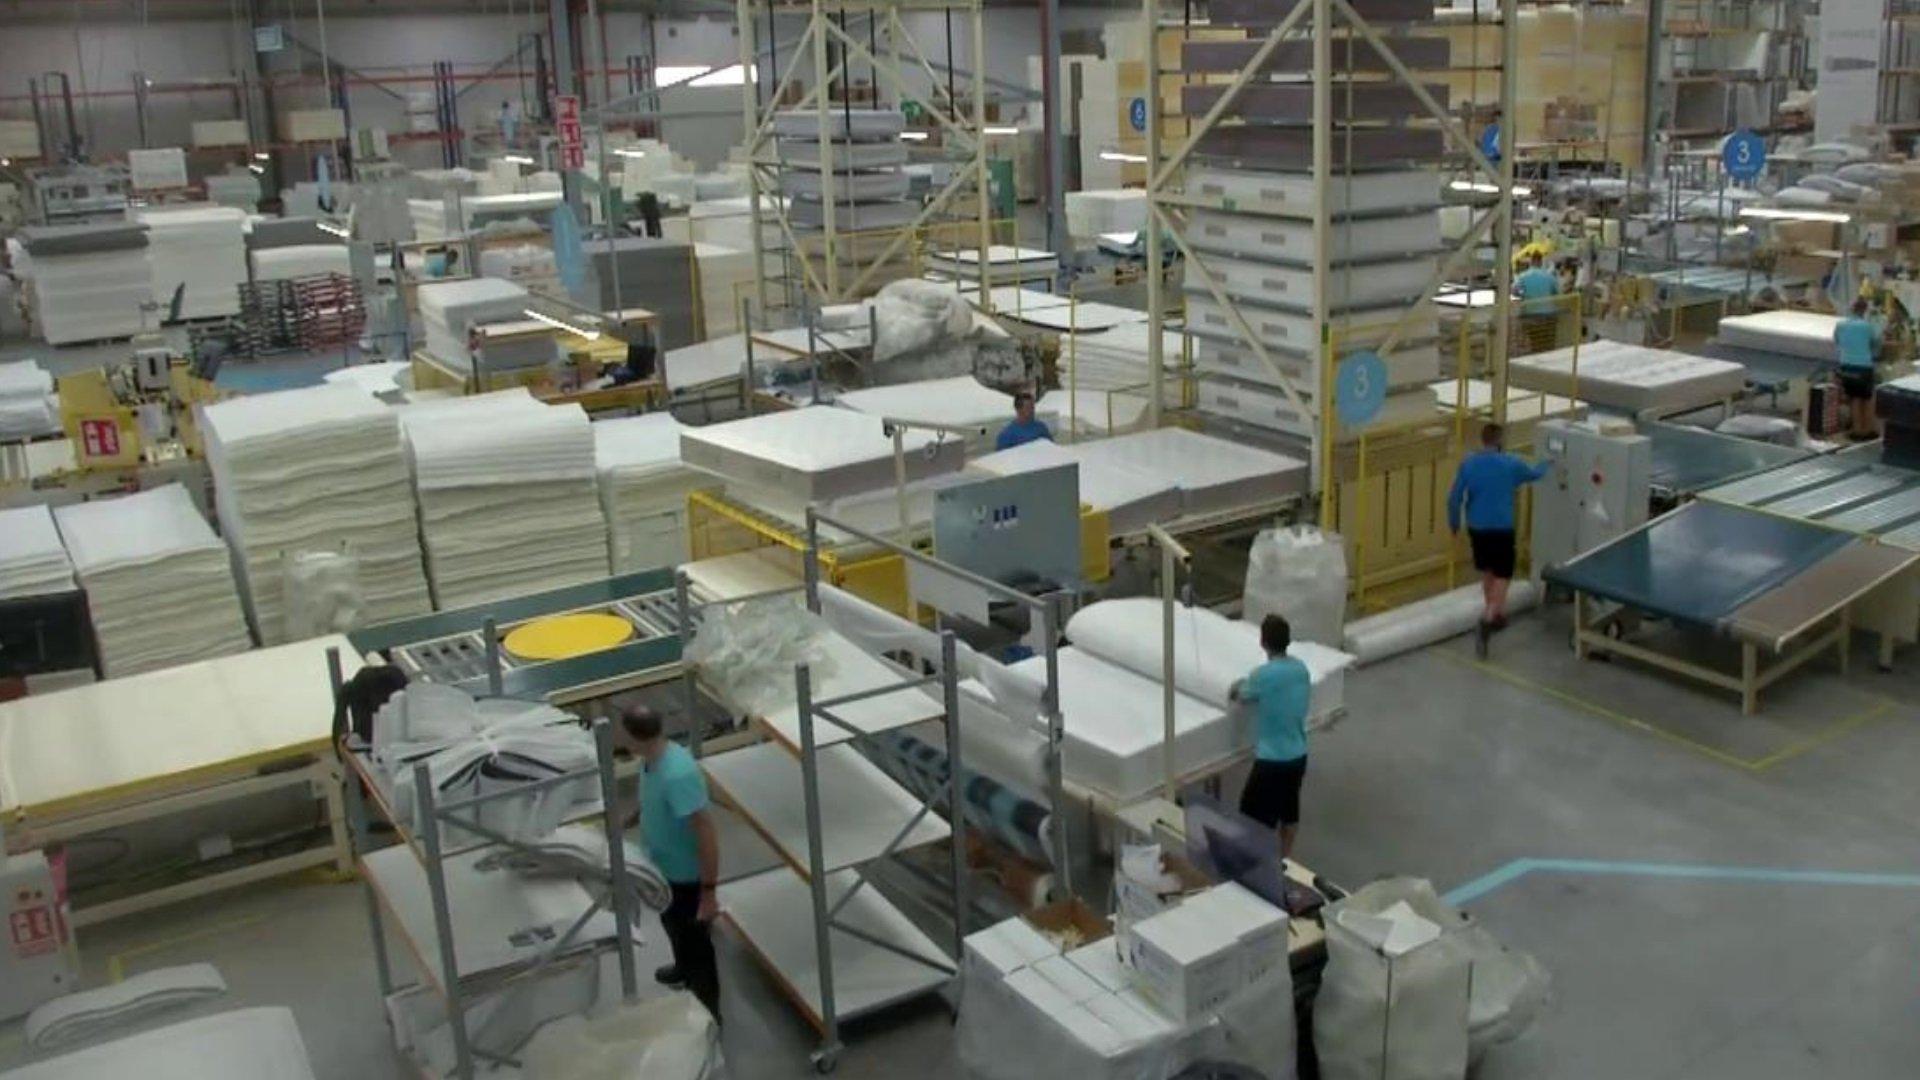 La facturación de la industria cae un 1,1% en enero en tasa anual... y antes del 'tsunami'